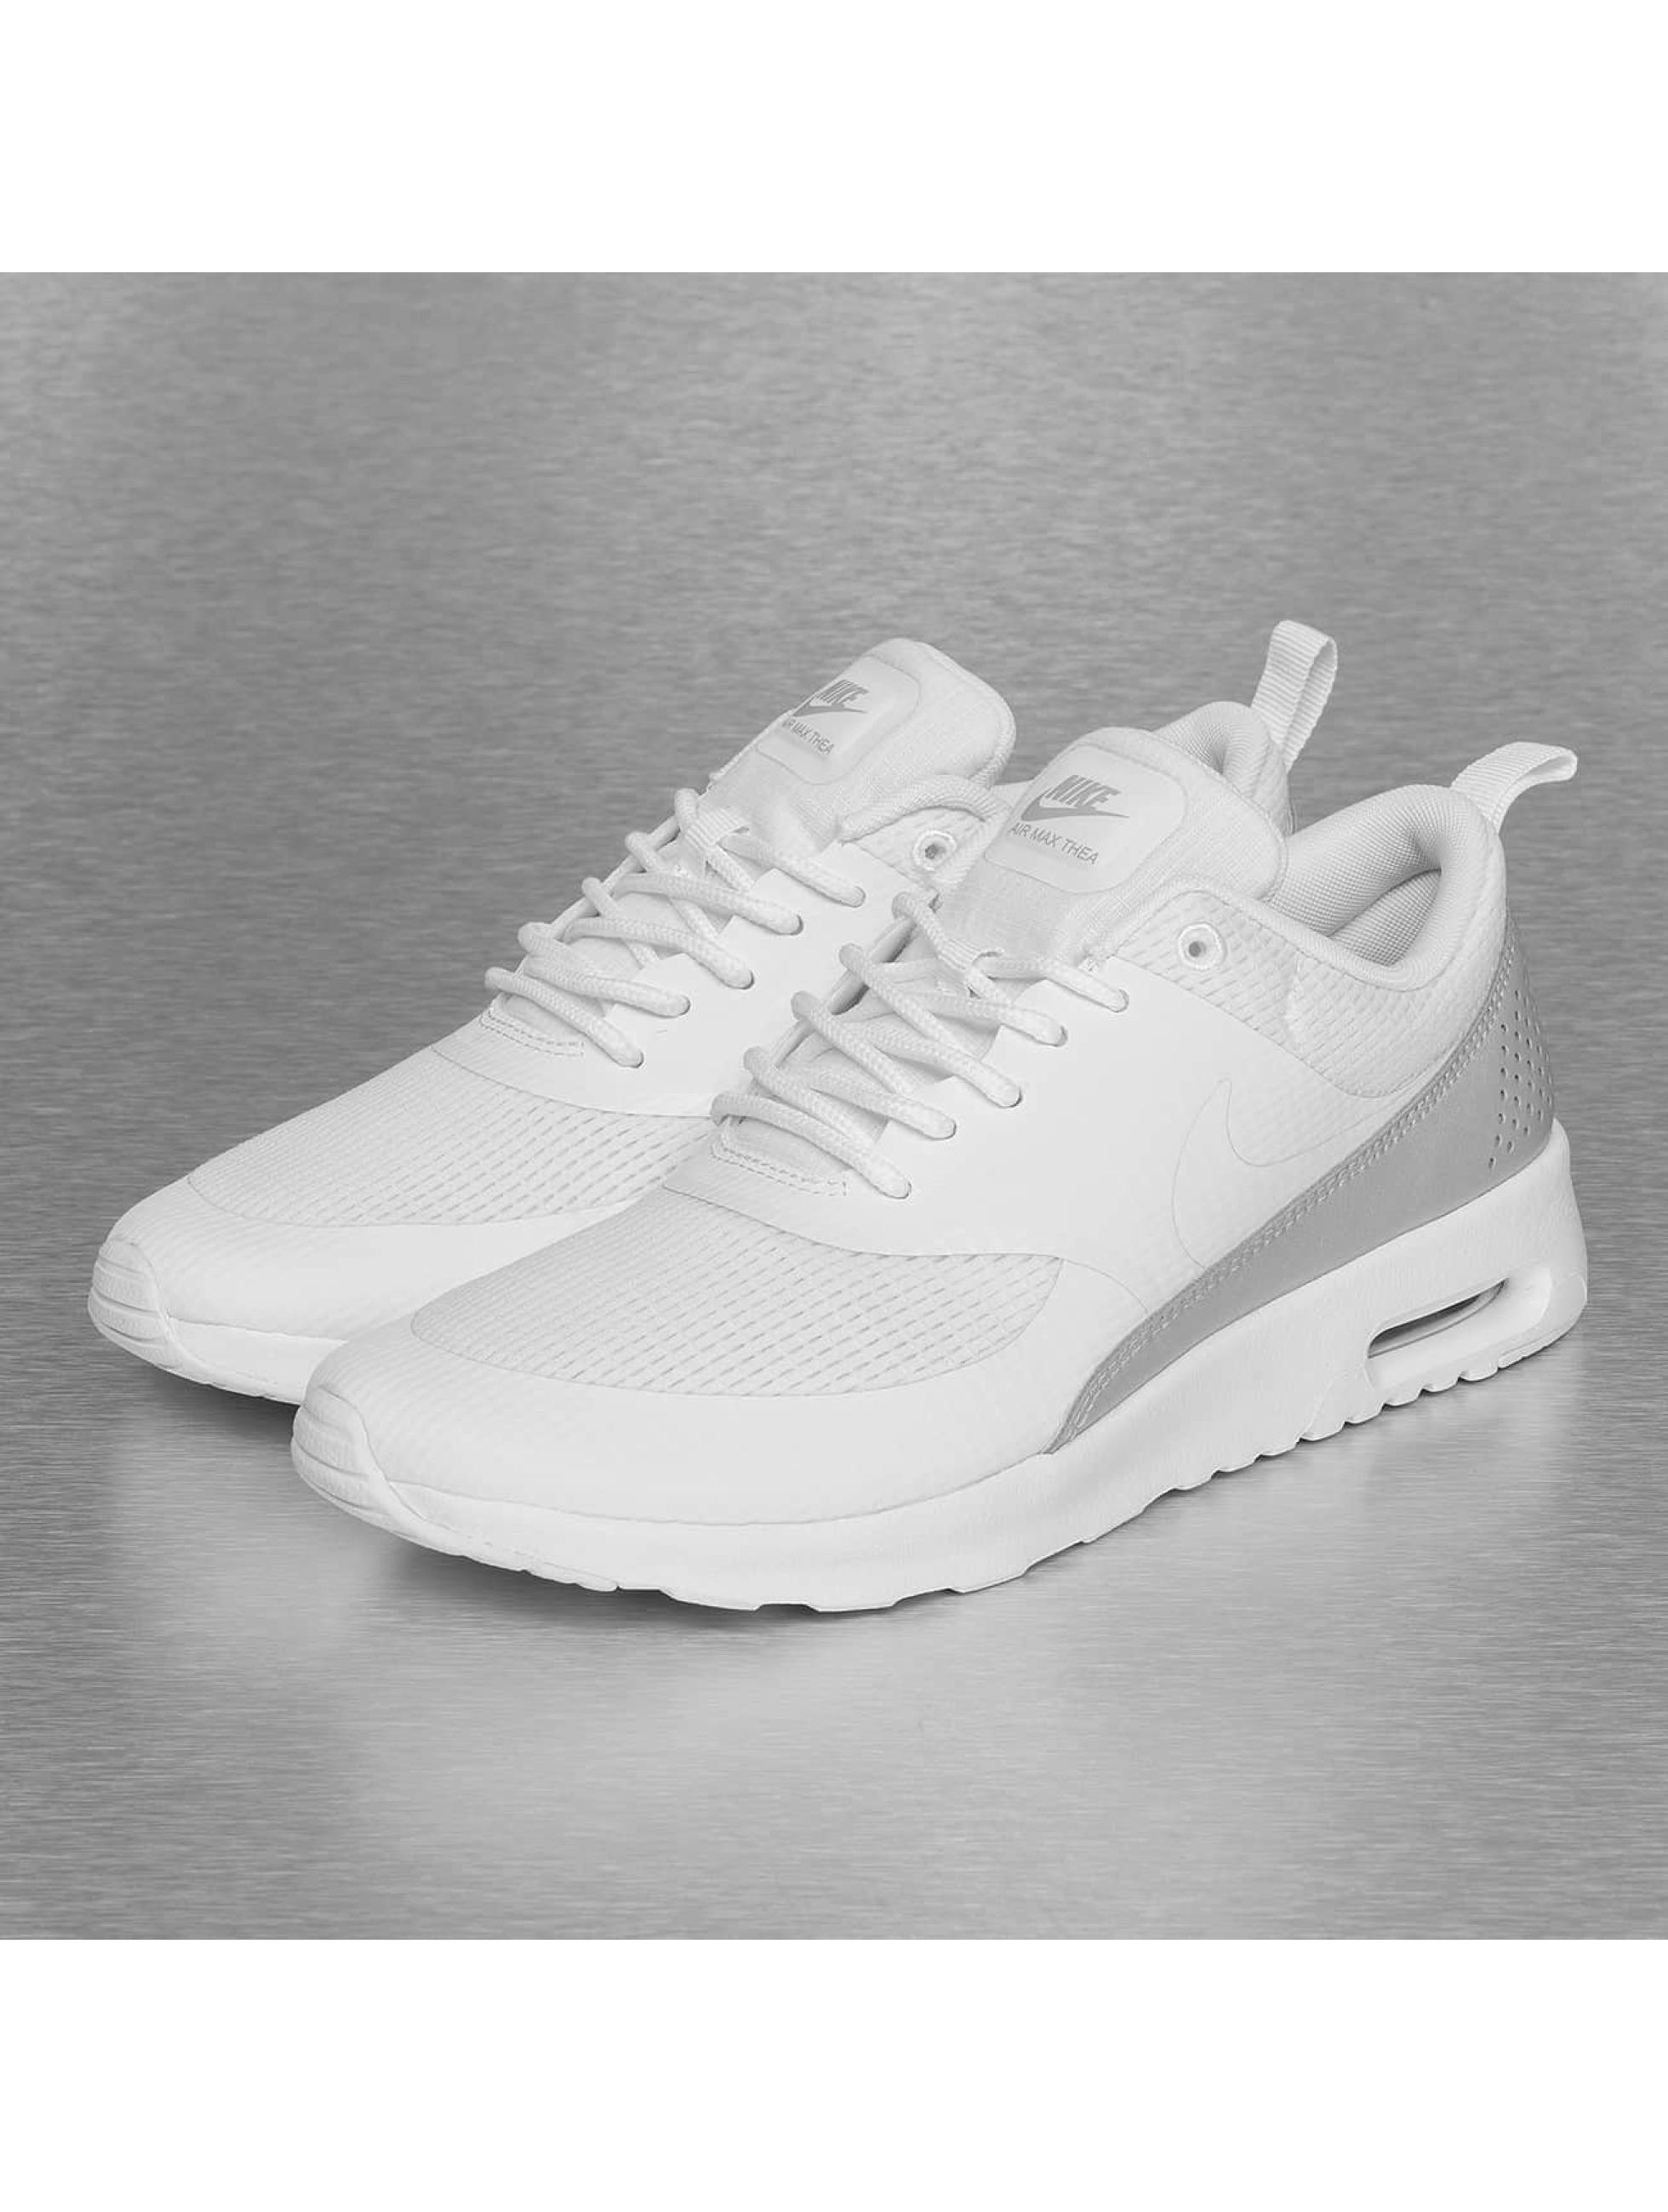 Nike Chaussures / Baskets Air Max Thea en blanc